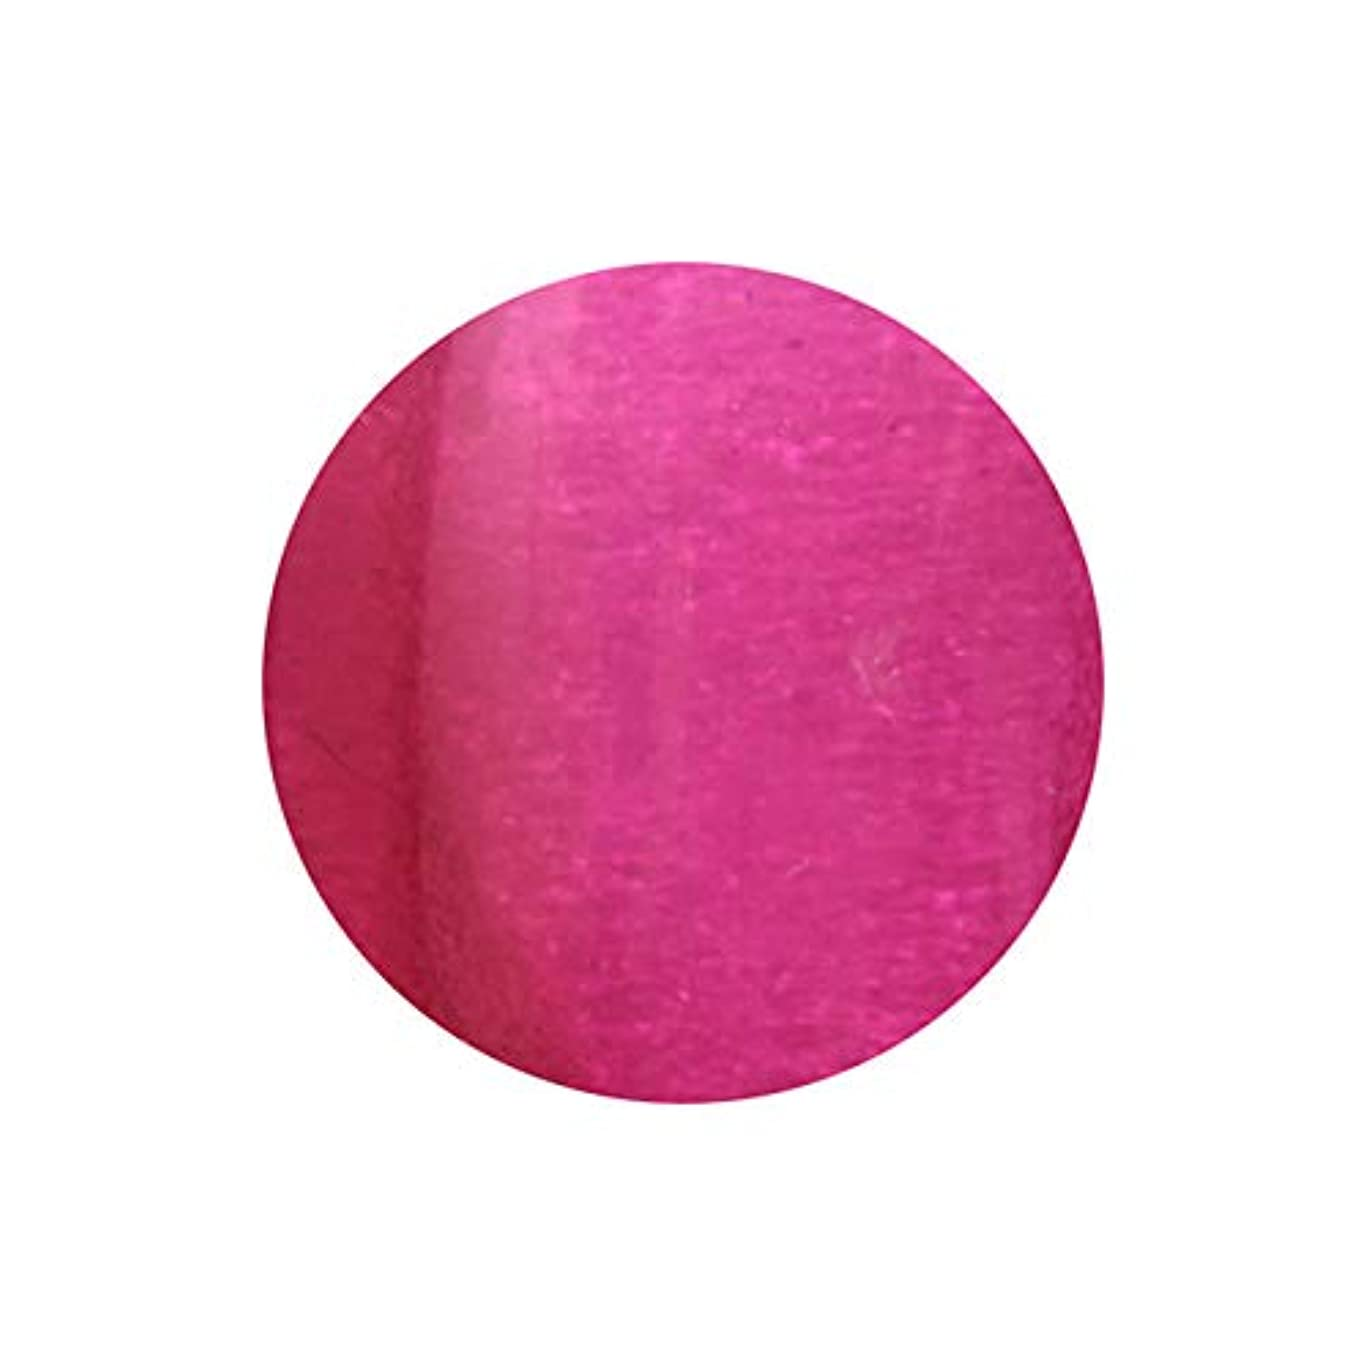 膨らませる政権フロー【NEW】T-GEL COLLECTION カラージェル D223 スケルトンボルドー 4ml